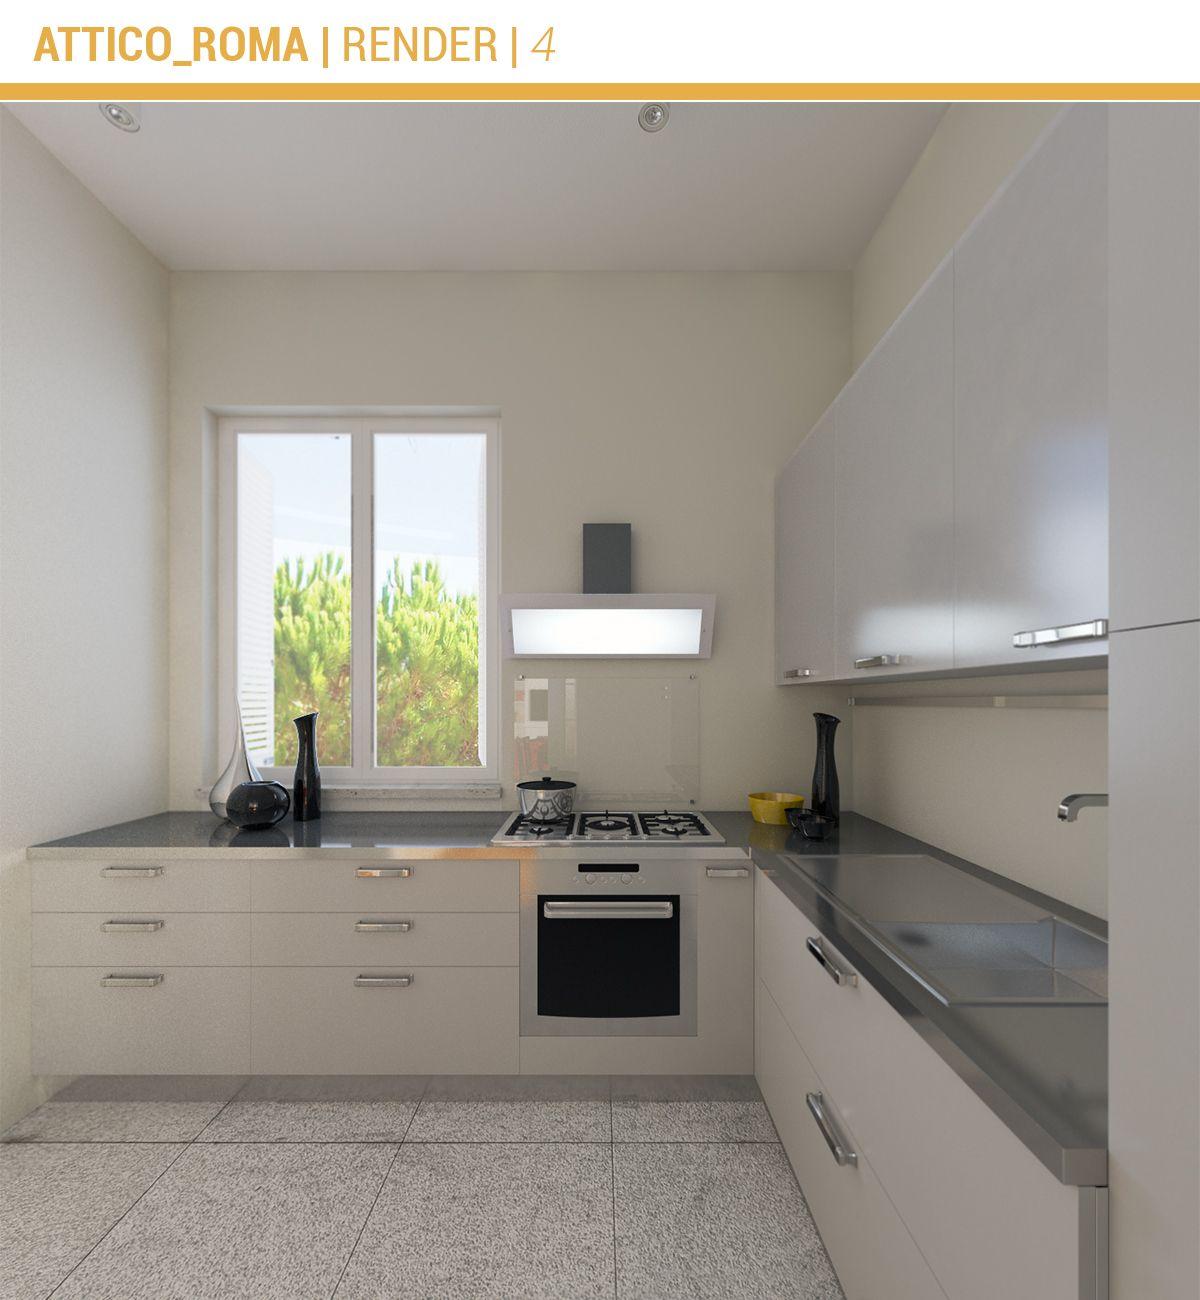 Ristrutturazione Attico Roma Cucina Interni casa